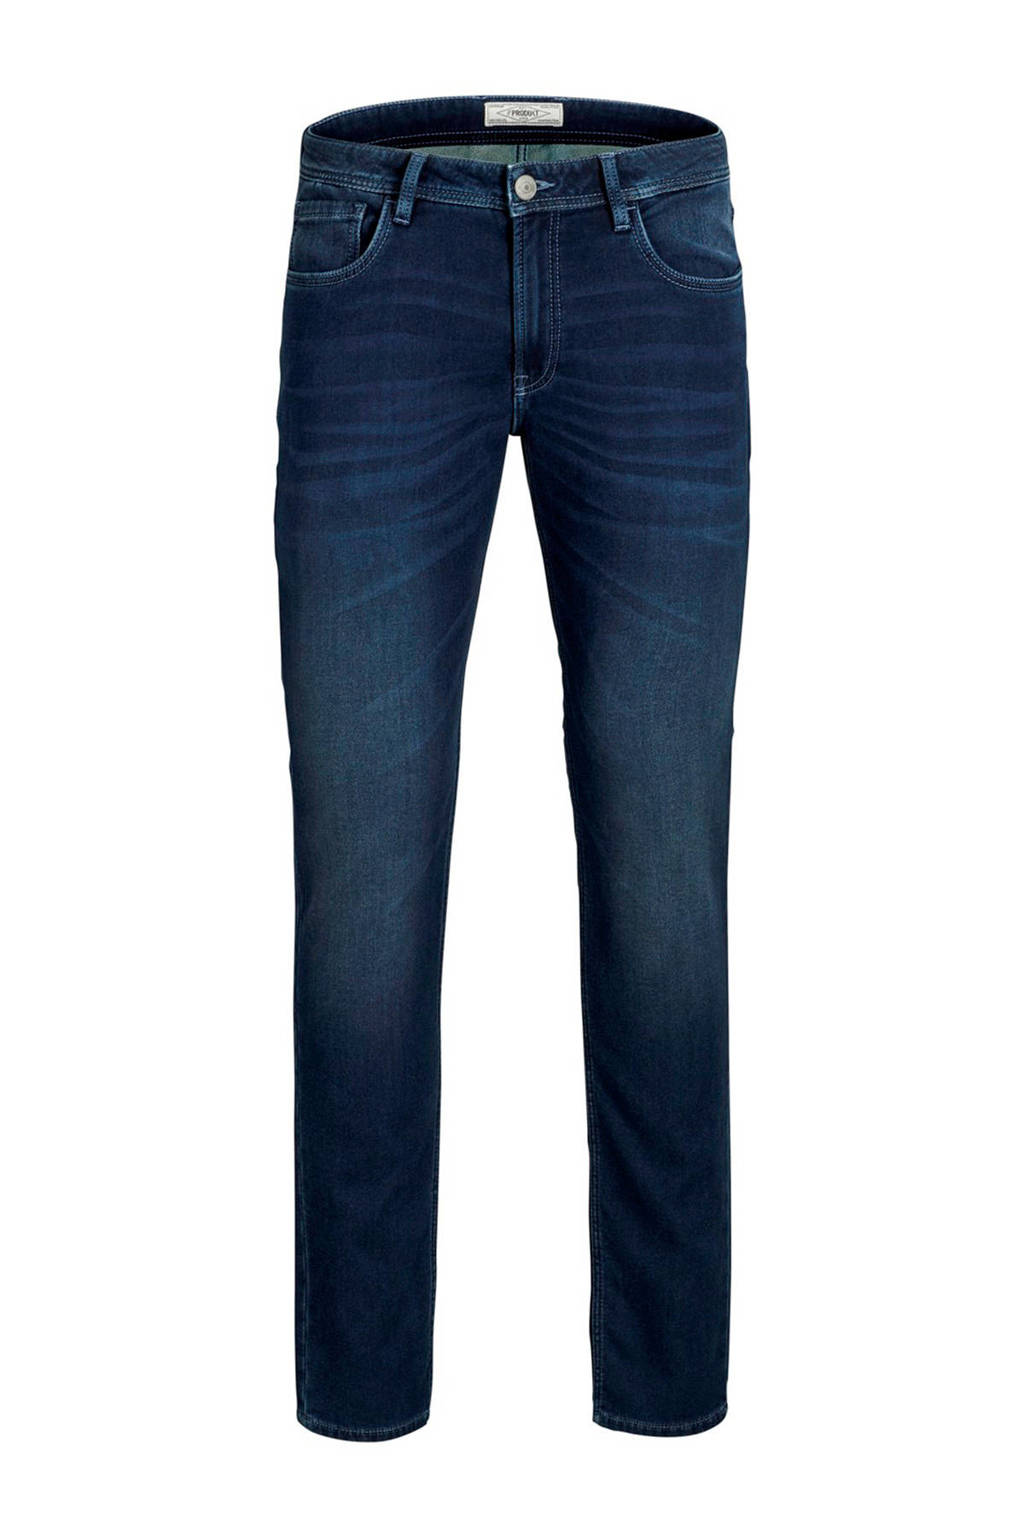 PRODUKT slim fit jeans dark blue denim, Donkerblauw